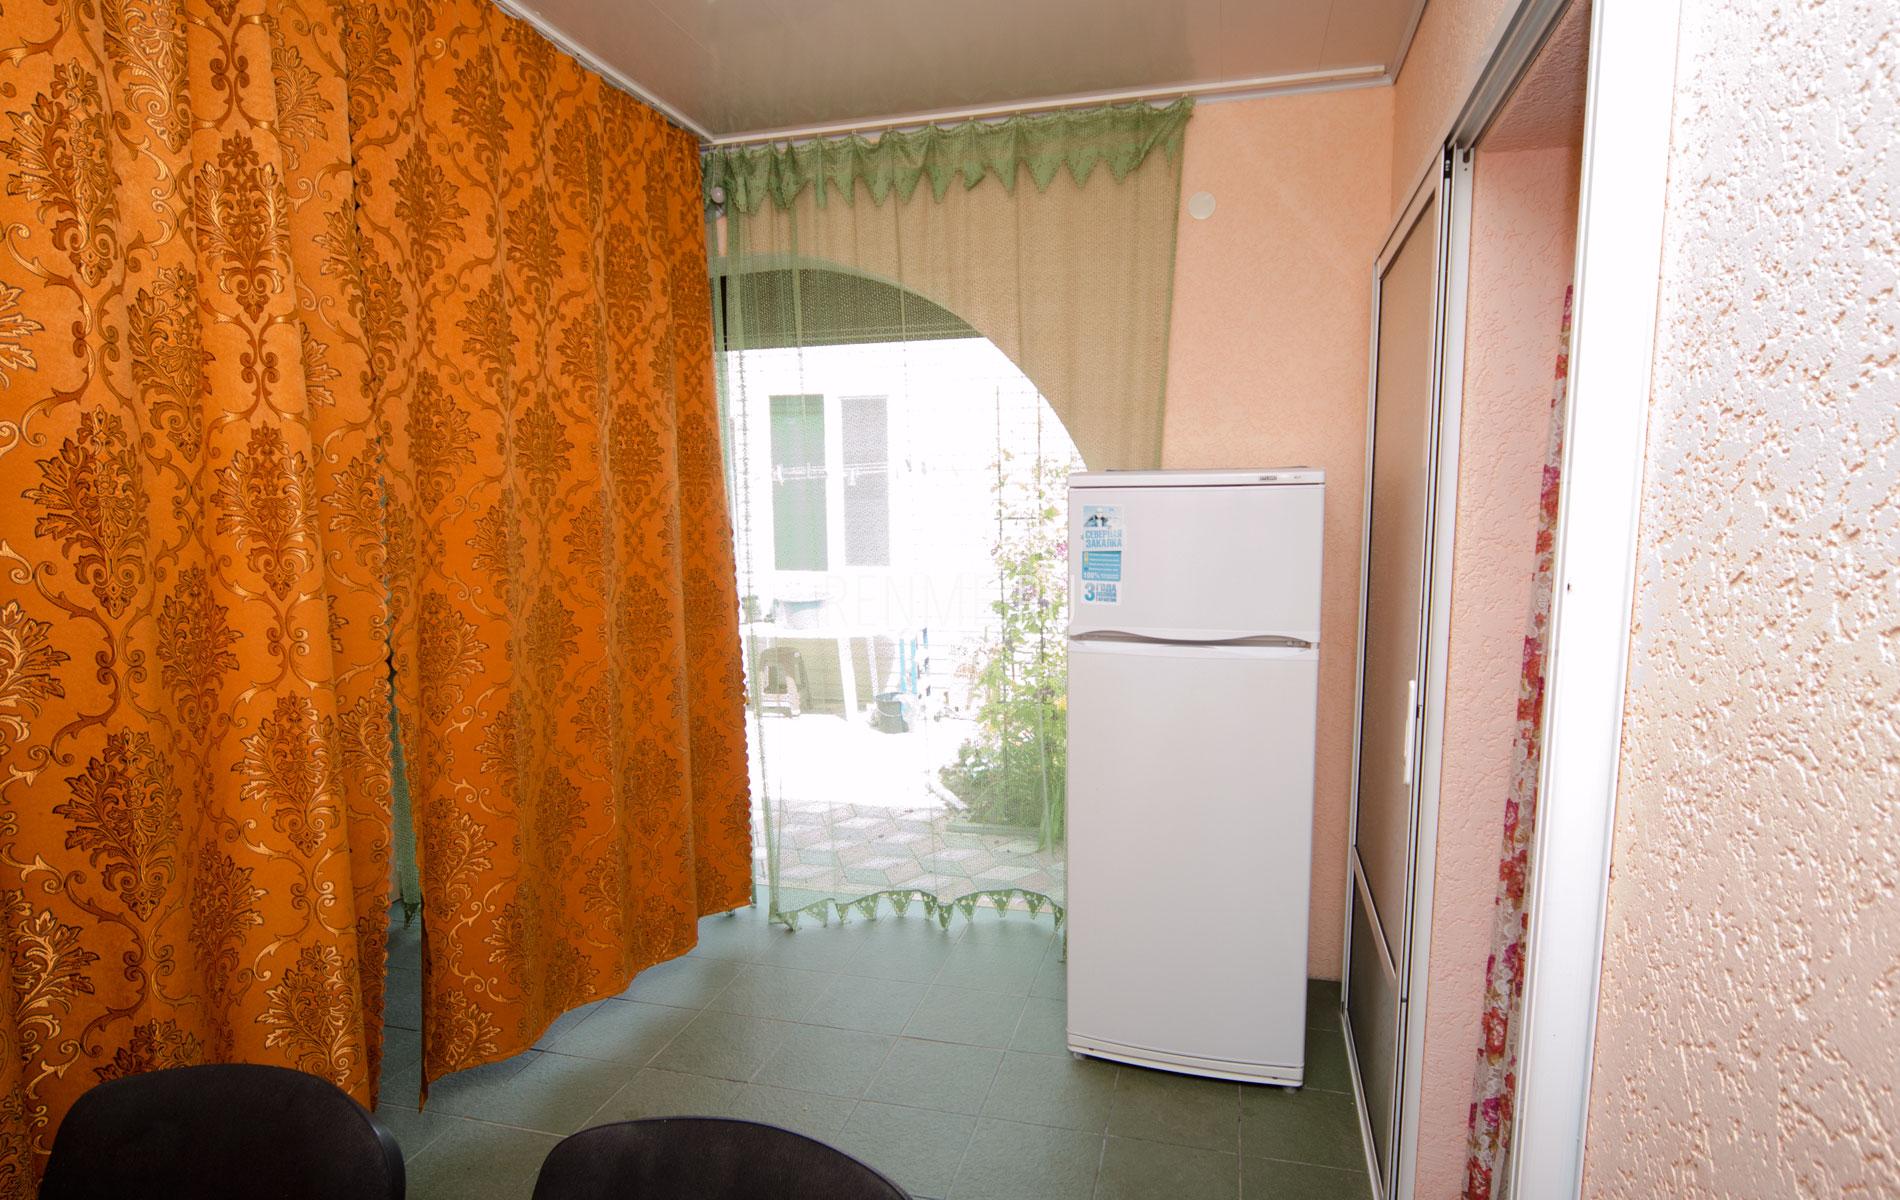 Холодильник. 8 квартира. Апарт-отель на 8 квартир. Заозёрное